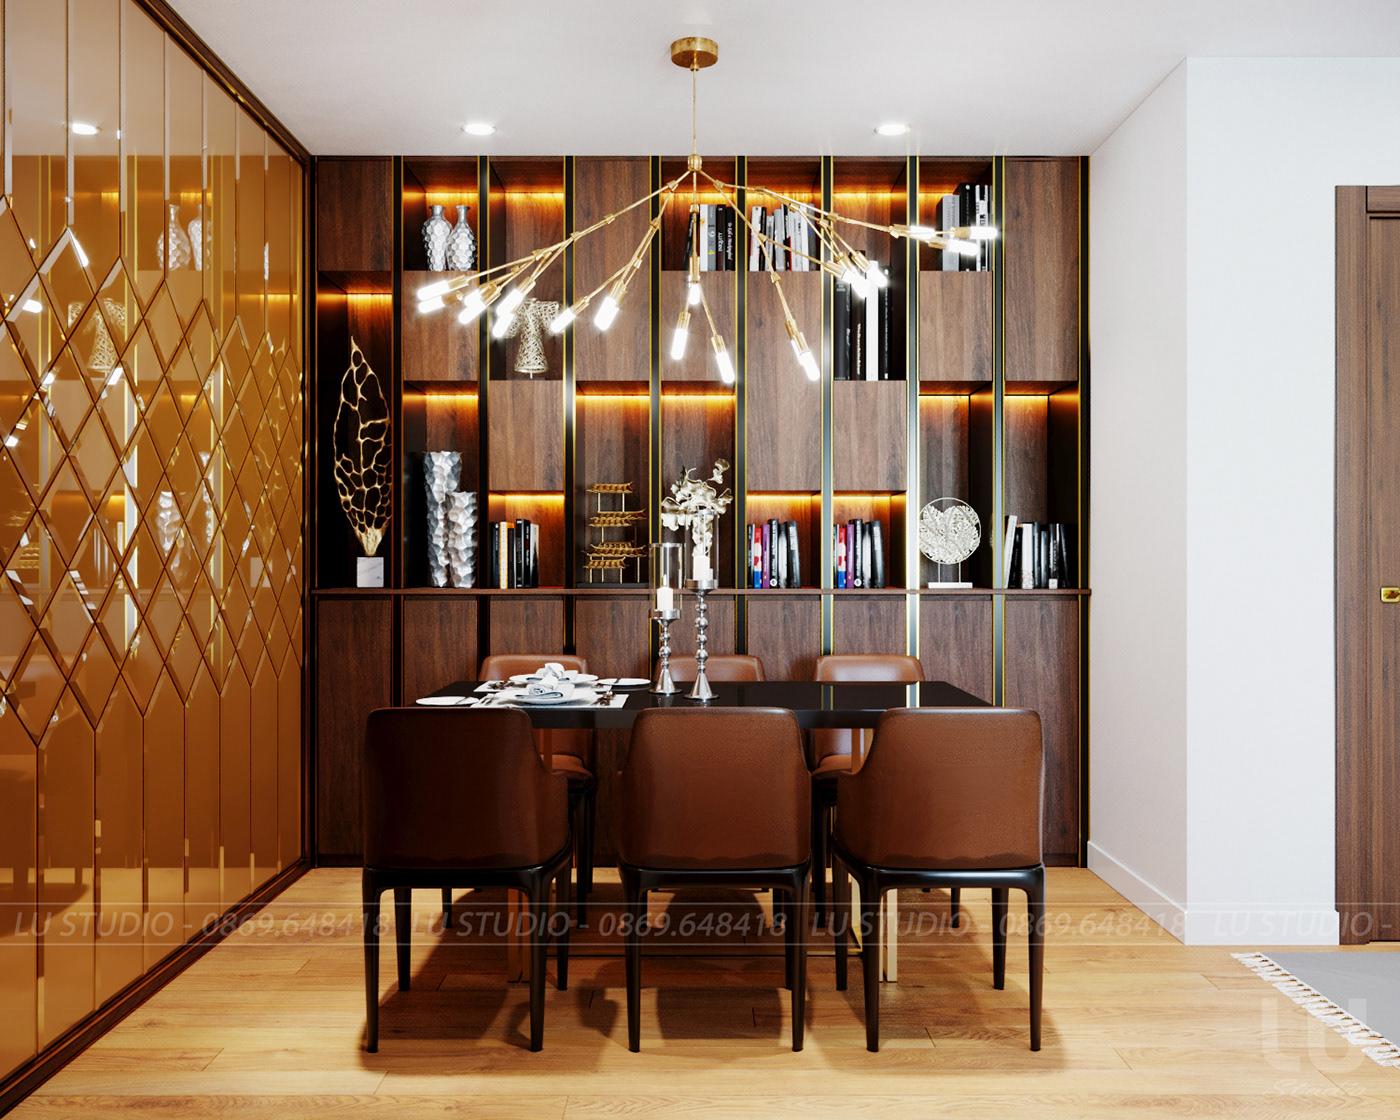 thiết kế nội thất chung cư tại Hà Nội Chung cư Season Avennue Thanh Xuân, Hà Nội 5 1533263508